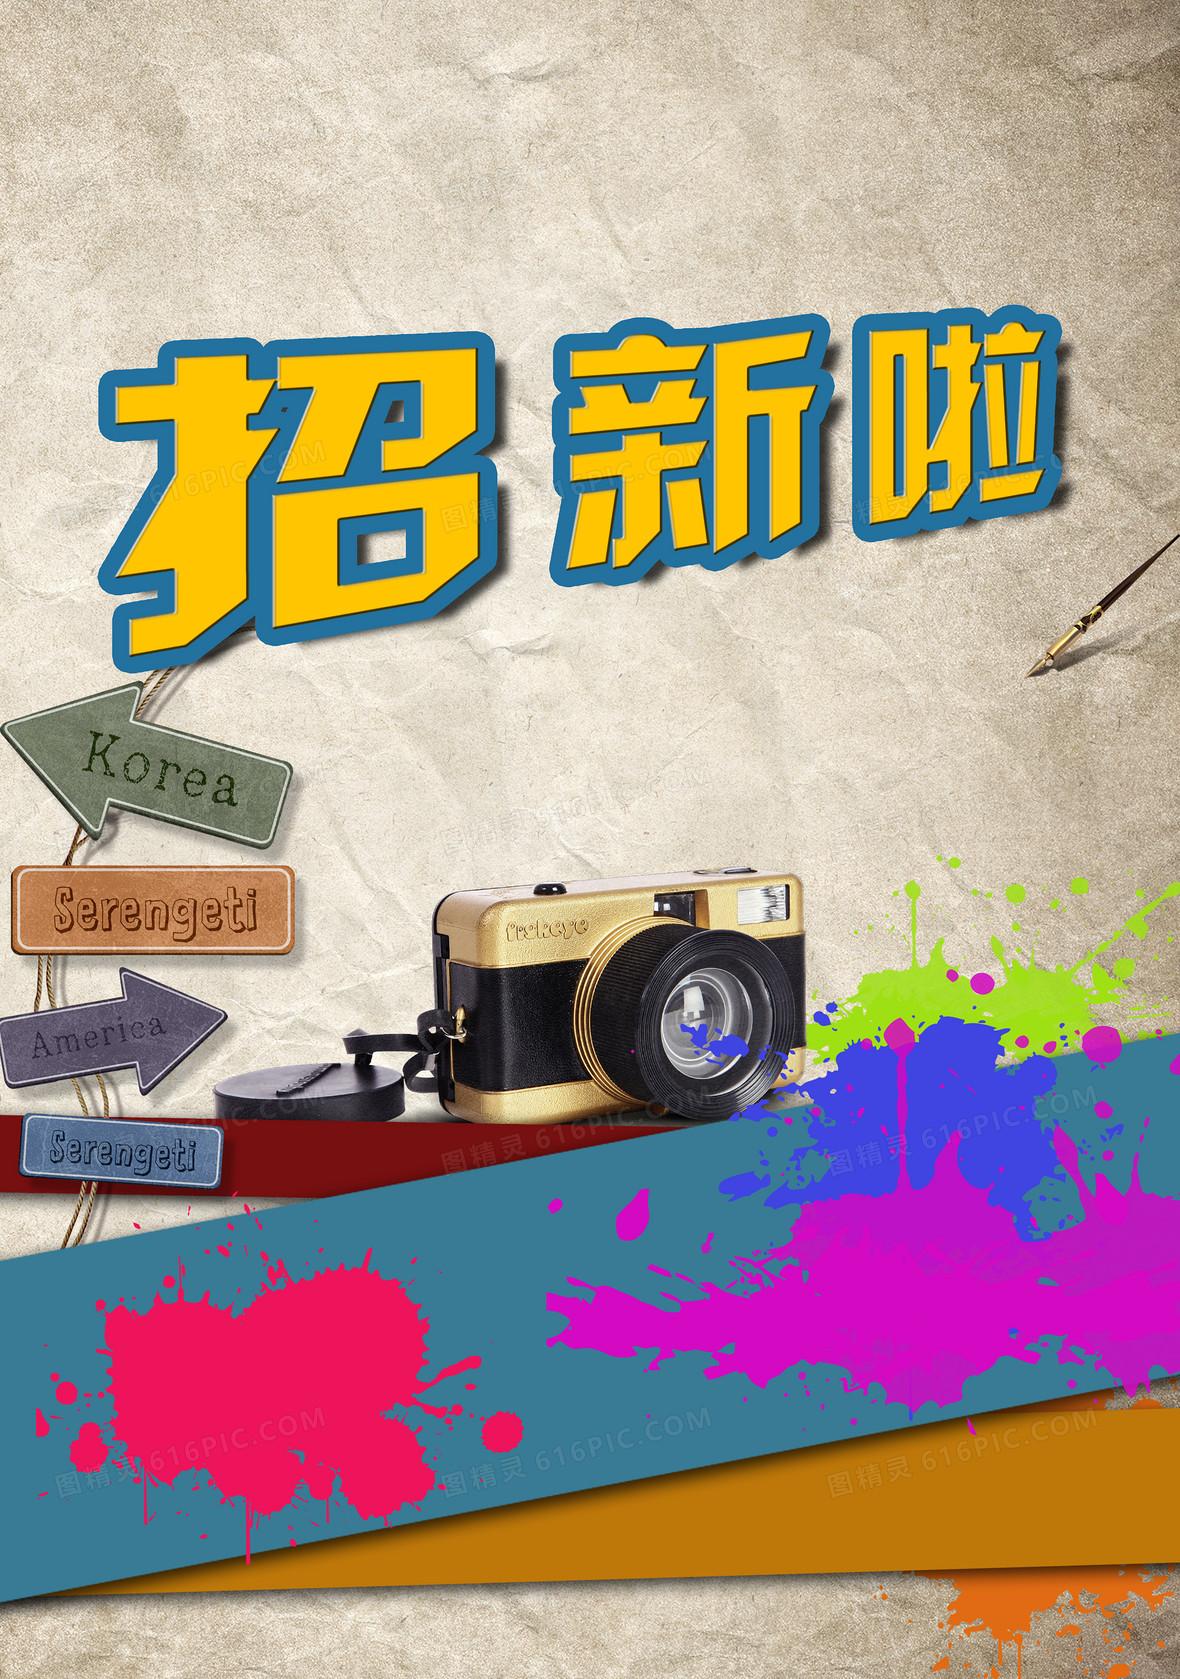 文艺学生会社团招新海报背景素材